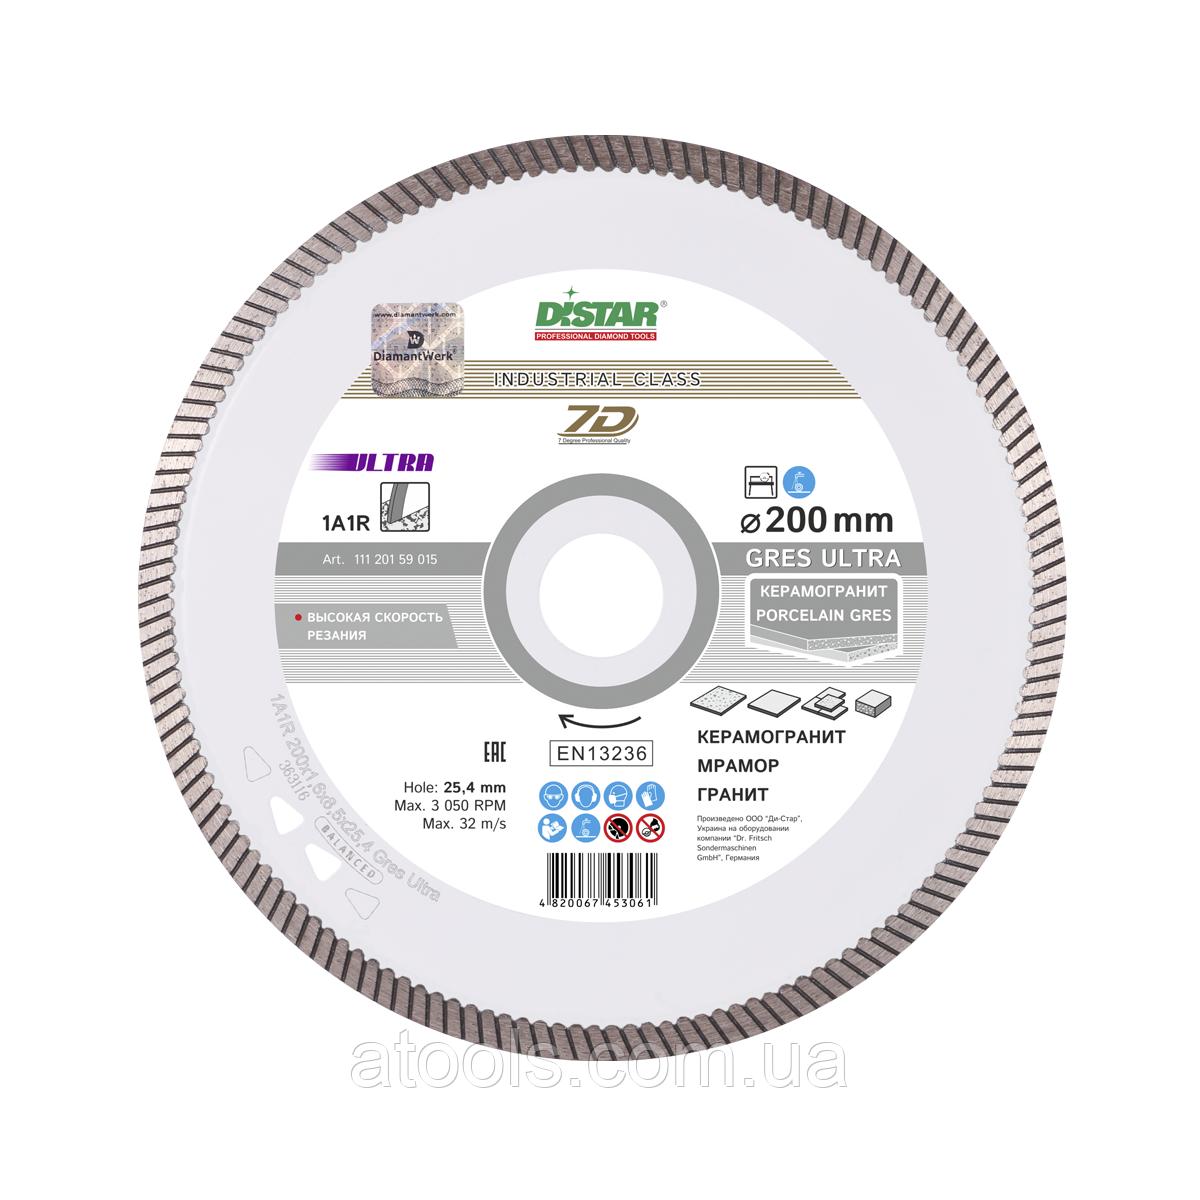 Алмазный отрезной диск Distar Gres Ultra 1A1R 230x1.6/1.2x8.5x25.4 (11120159017)